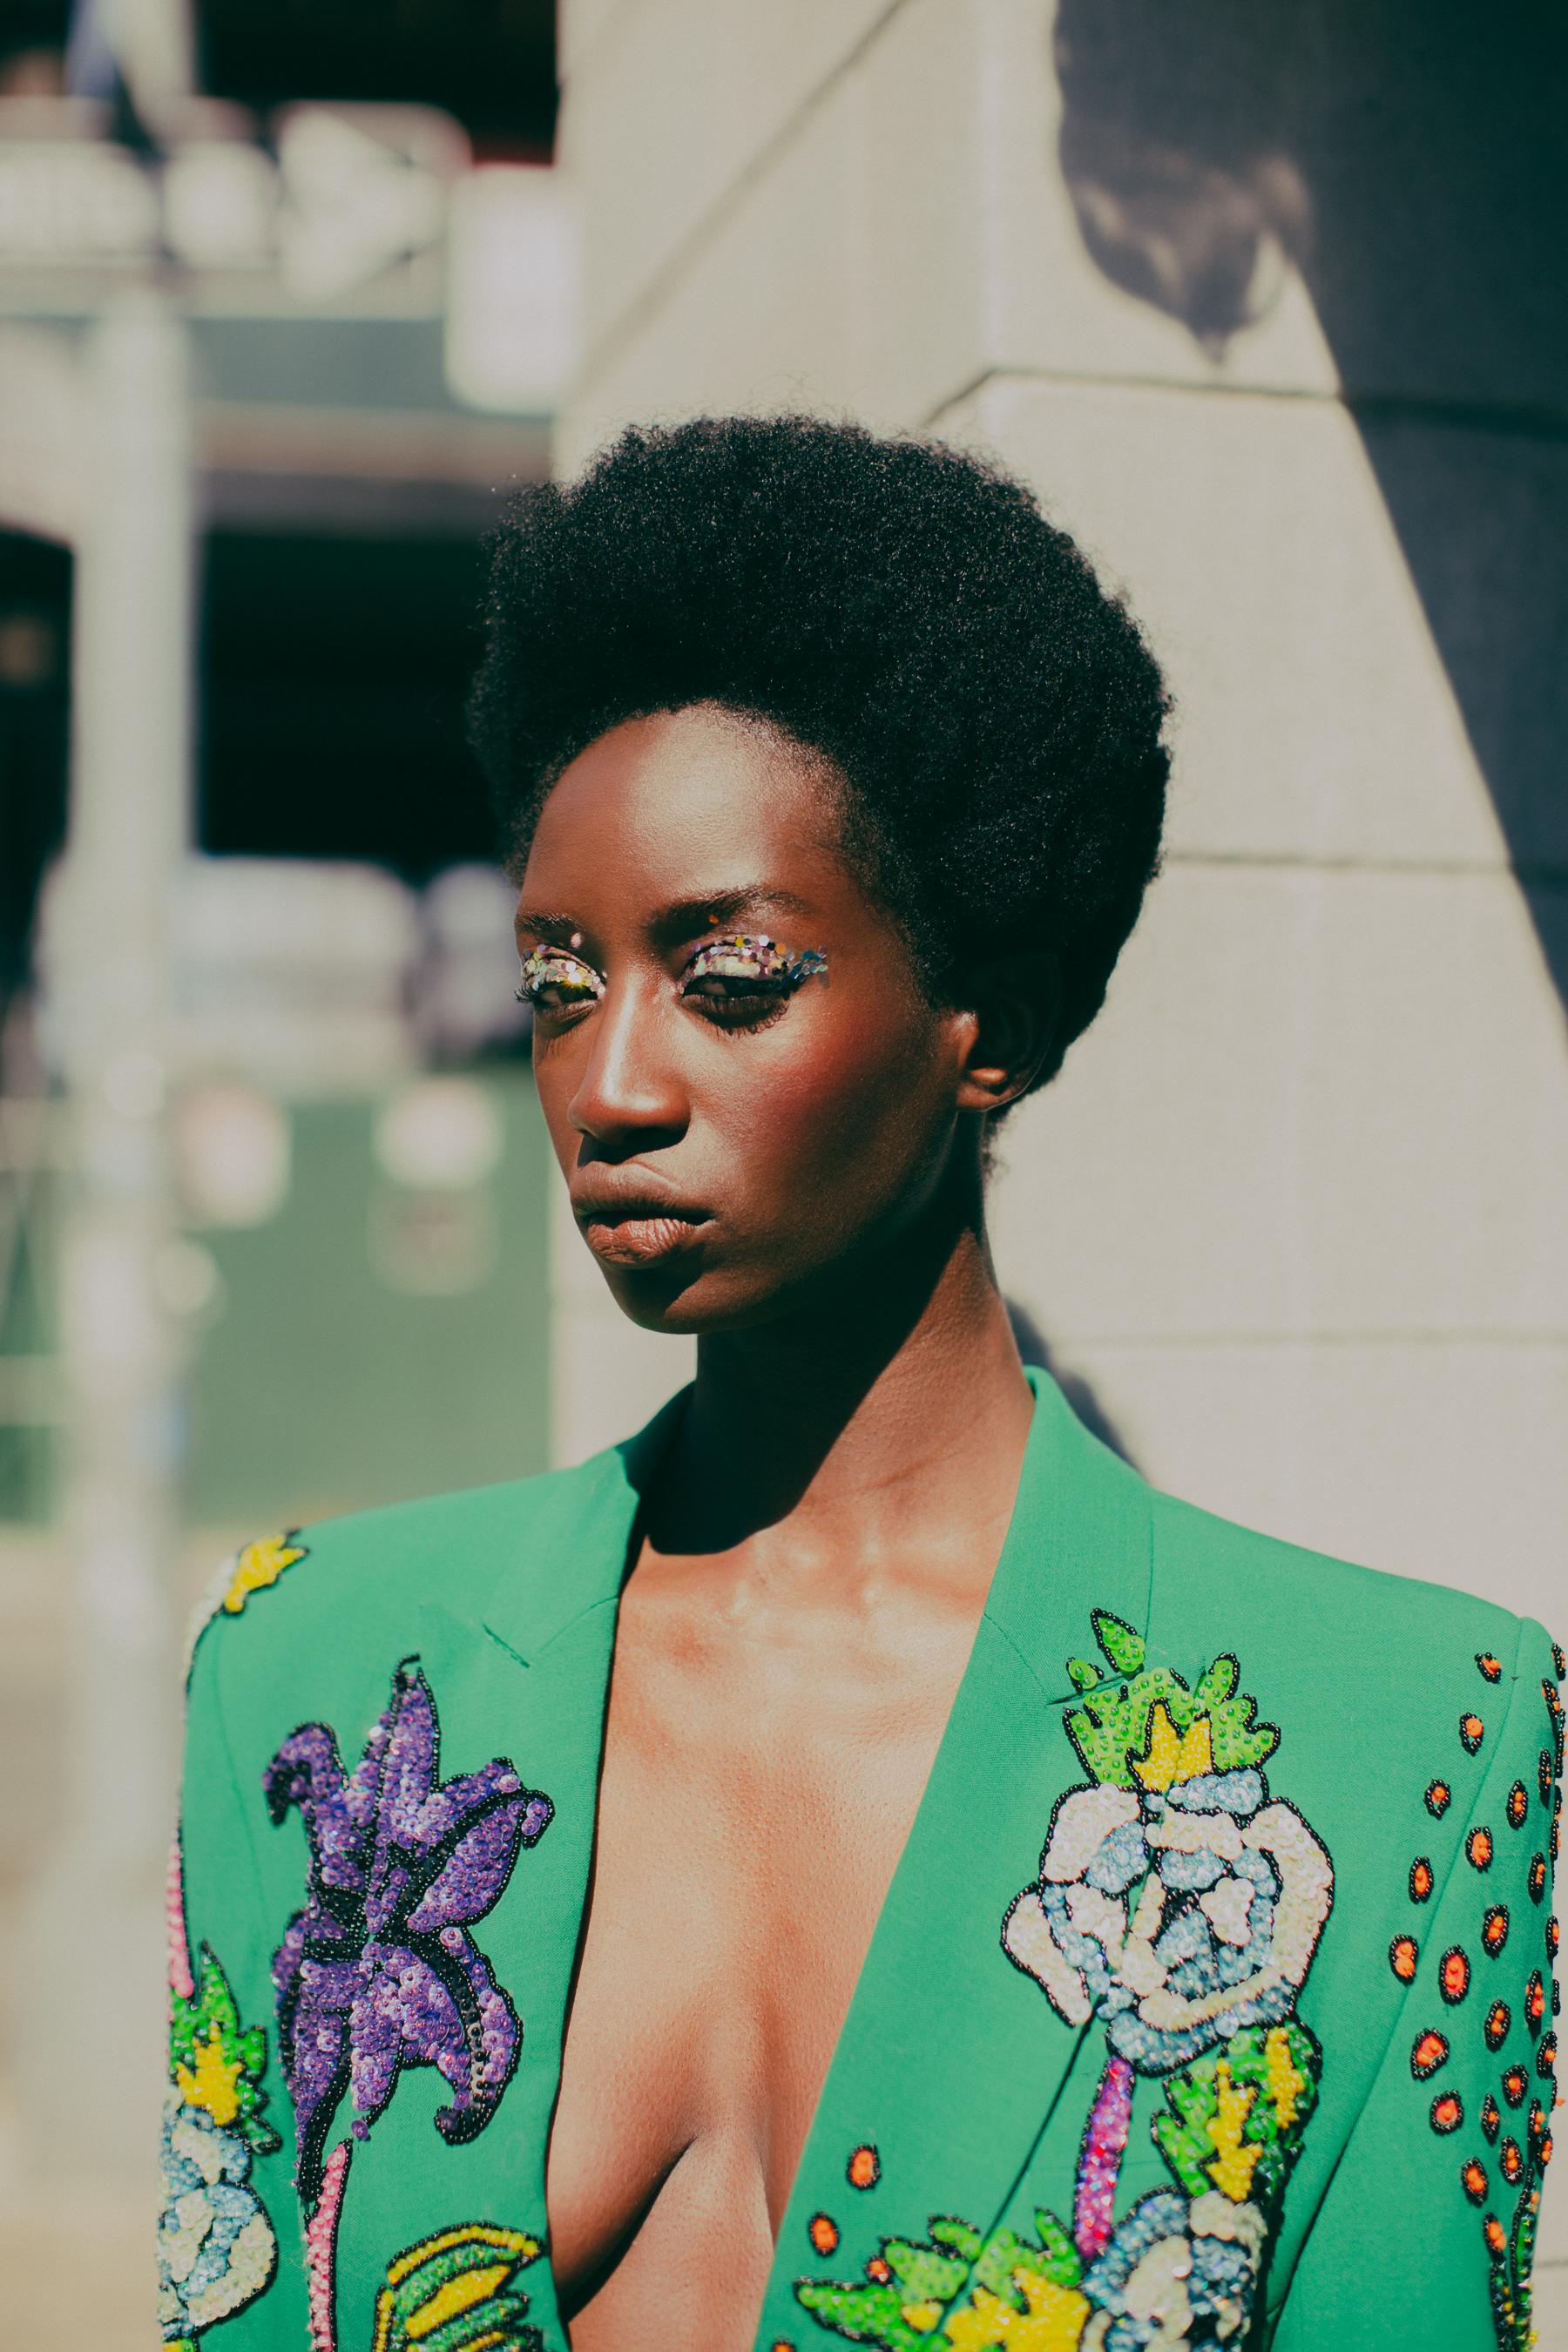 Sasha Payton Model Monday Submission 2